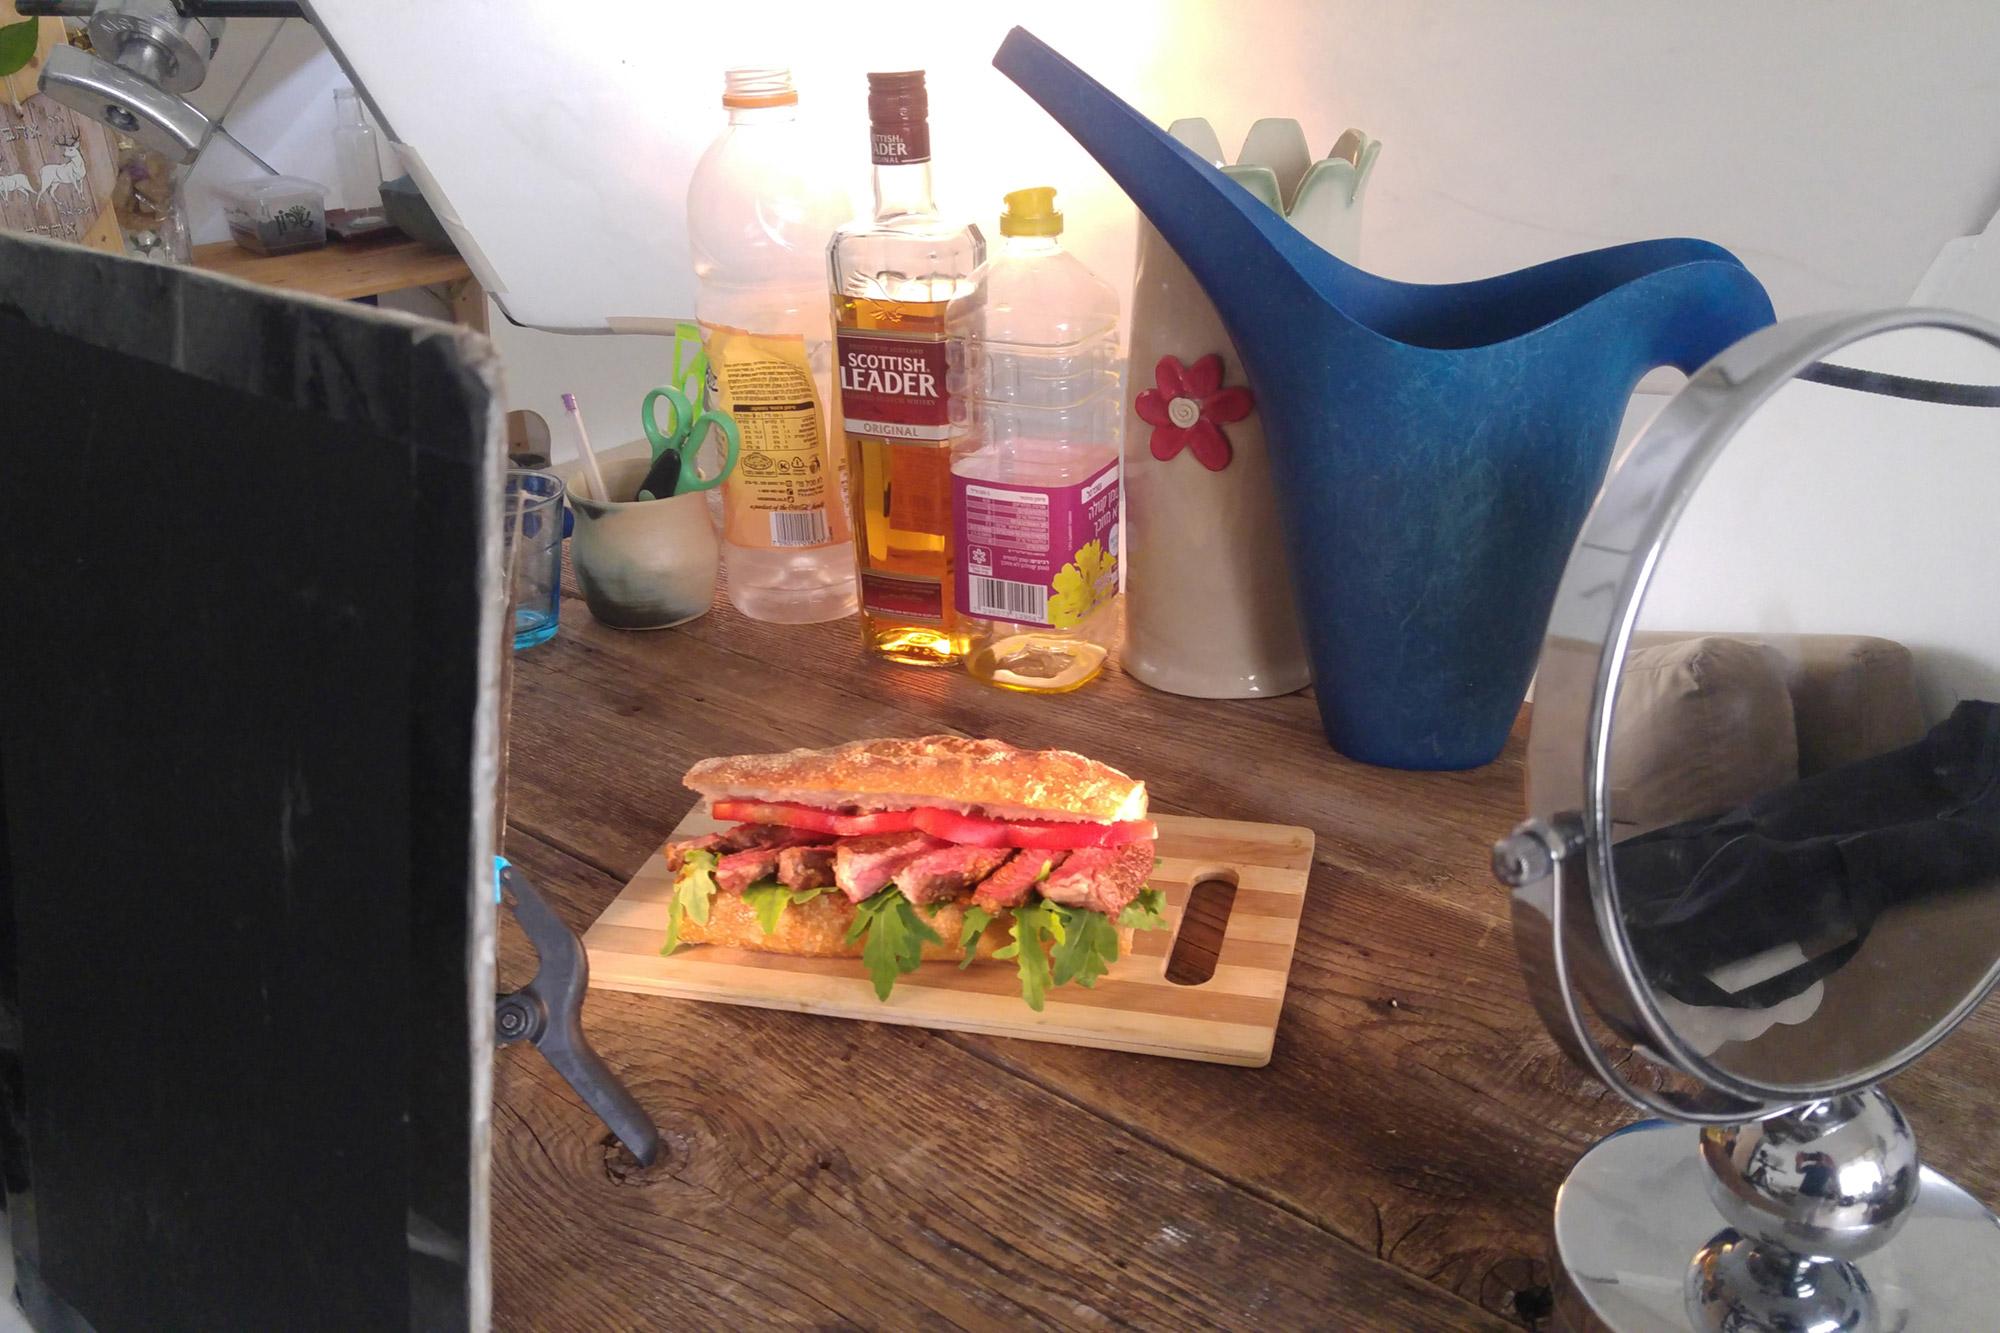 צילום מזון, יצירת צל בצילום, צלם אוכל